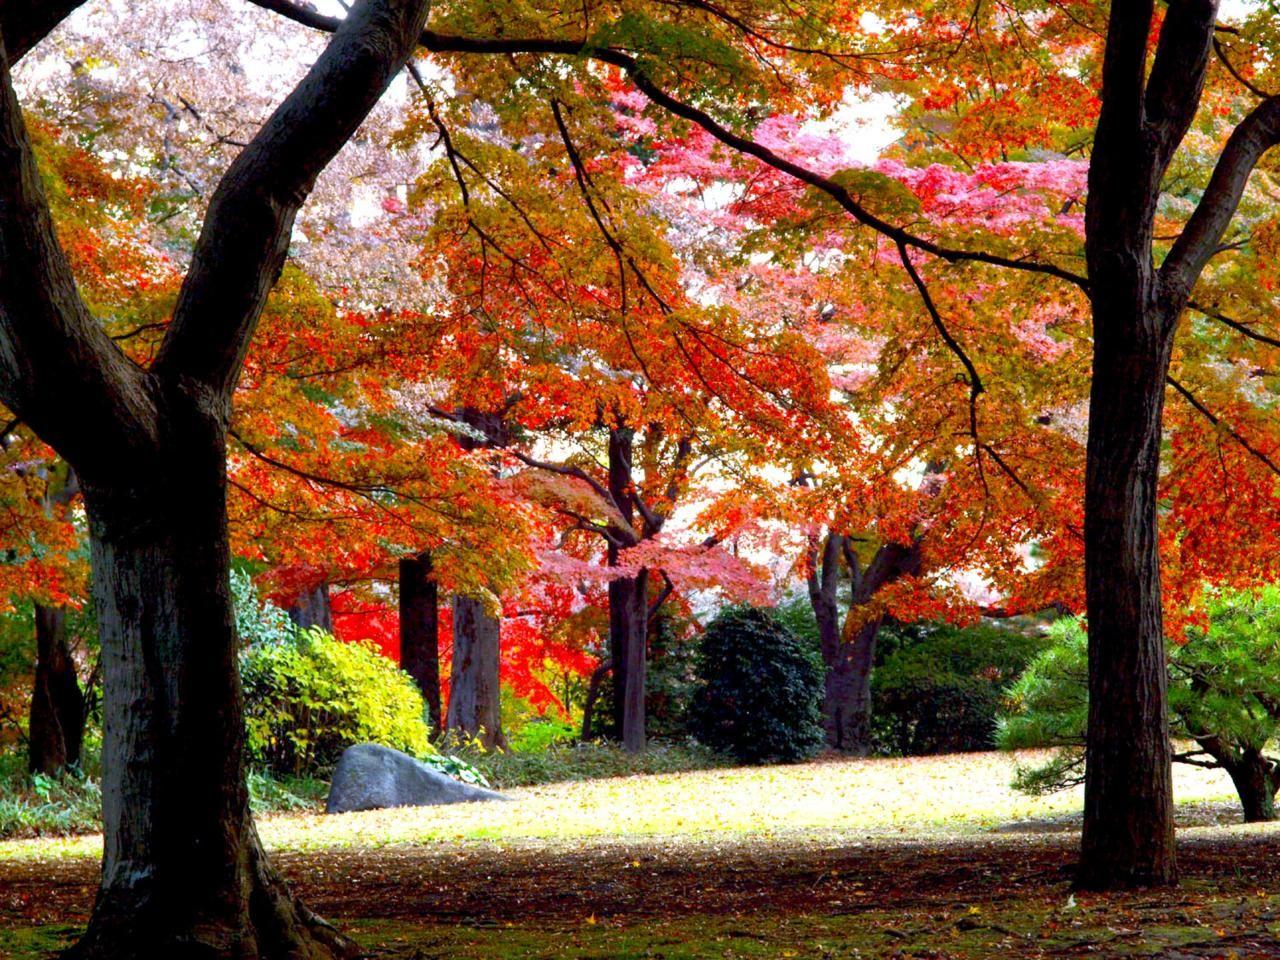 都内から好アクセス!燃えるように朱い紅葉が咲き誇る「殿ヶ谷戸庭園」(東京)